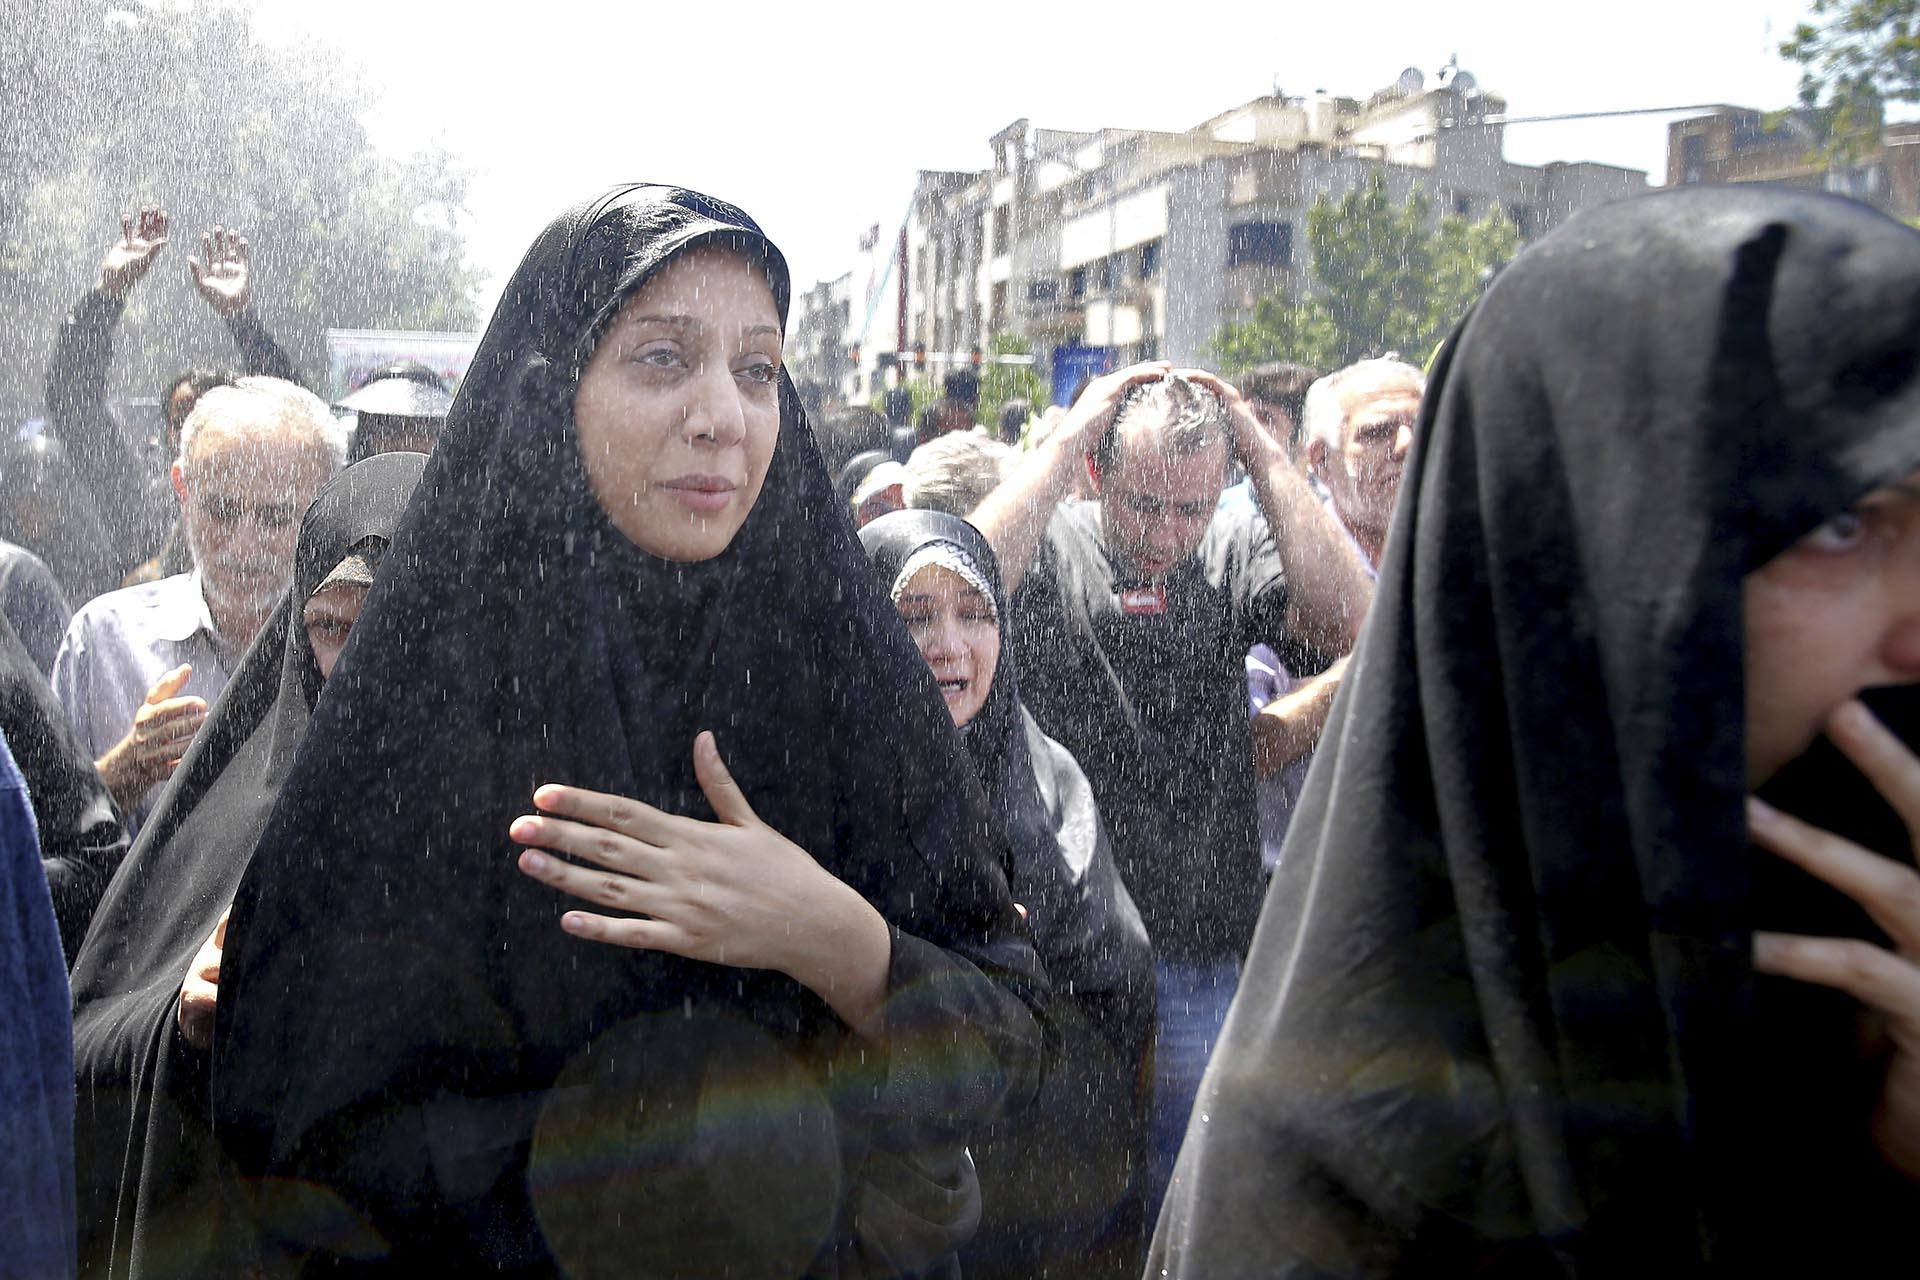 Iraníes asisten al funeral de las víctimas del ataque del Estado islámico el miércoles en Teherán